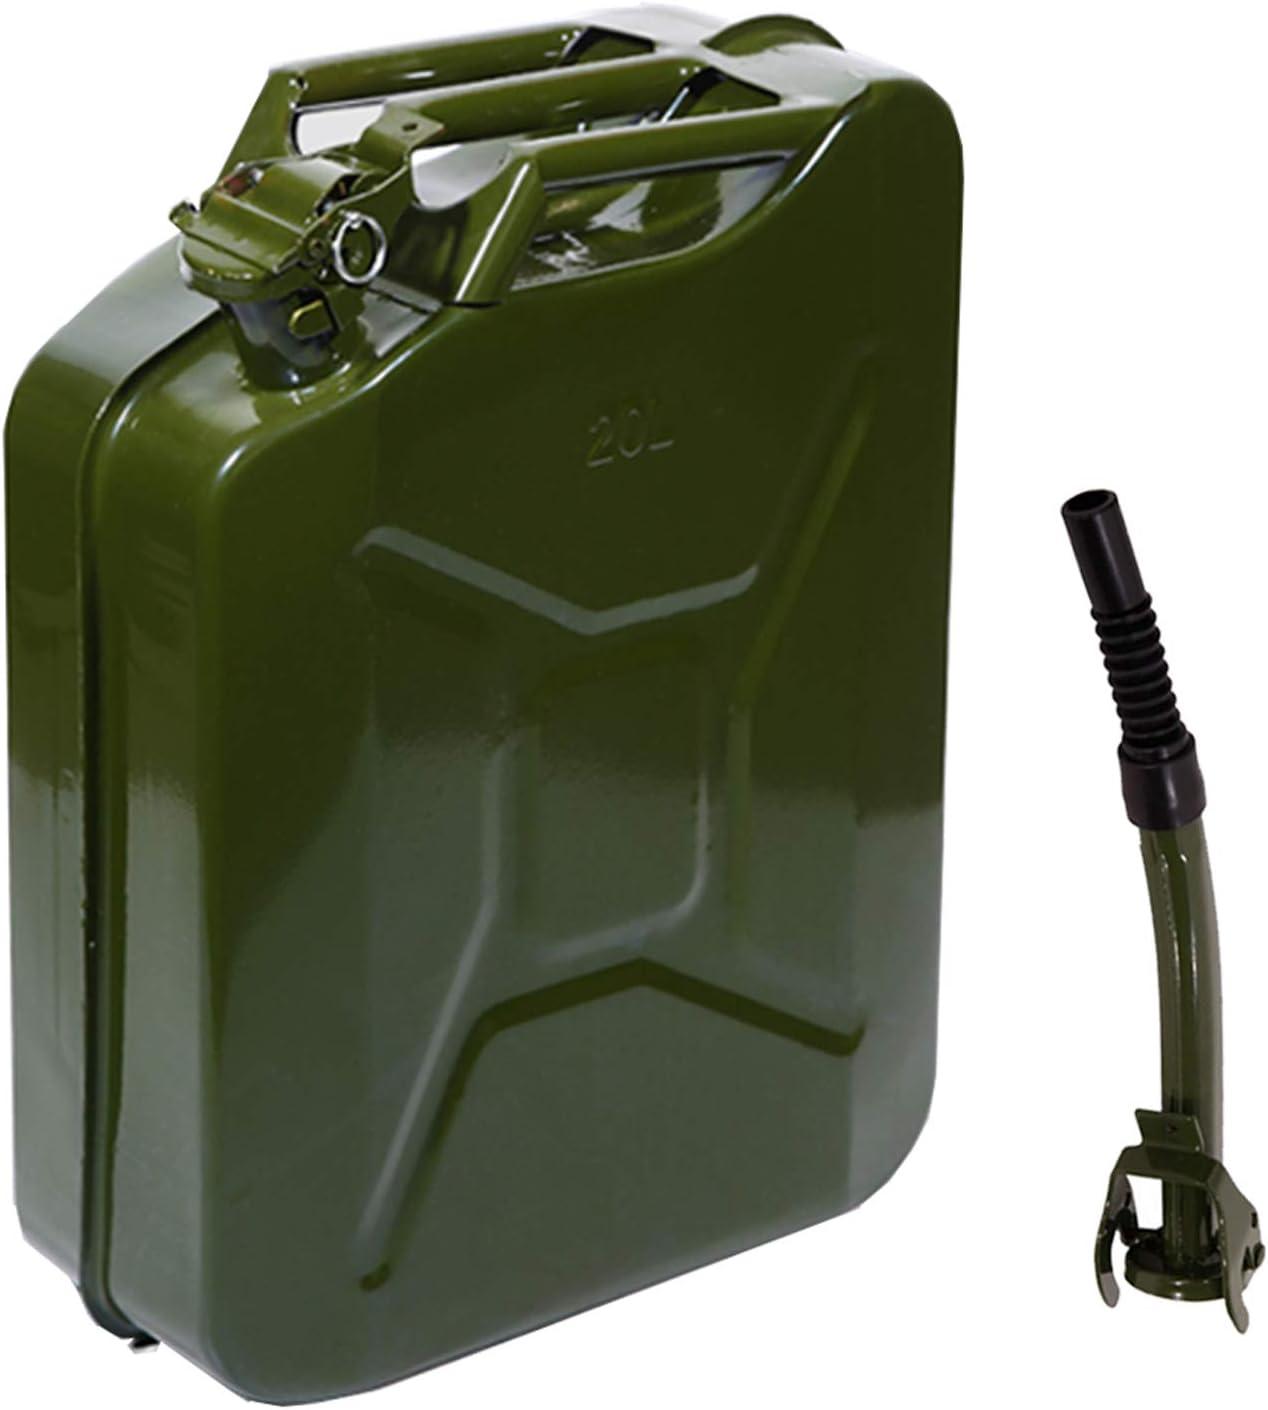 Teekland 5 Ranking TOP1 Gallon 20L Metal Gas Max 75% OFF Tank Stardard P Can US